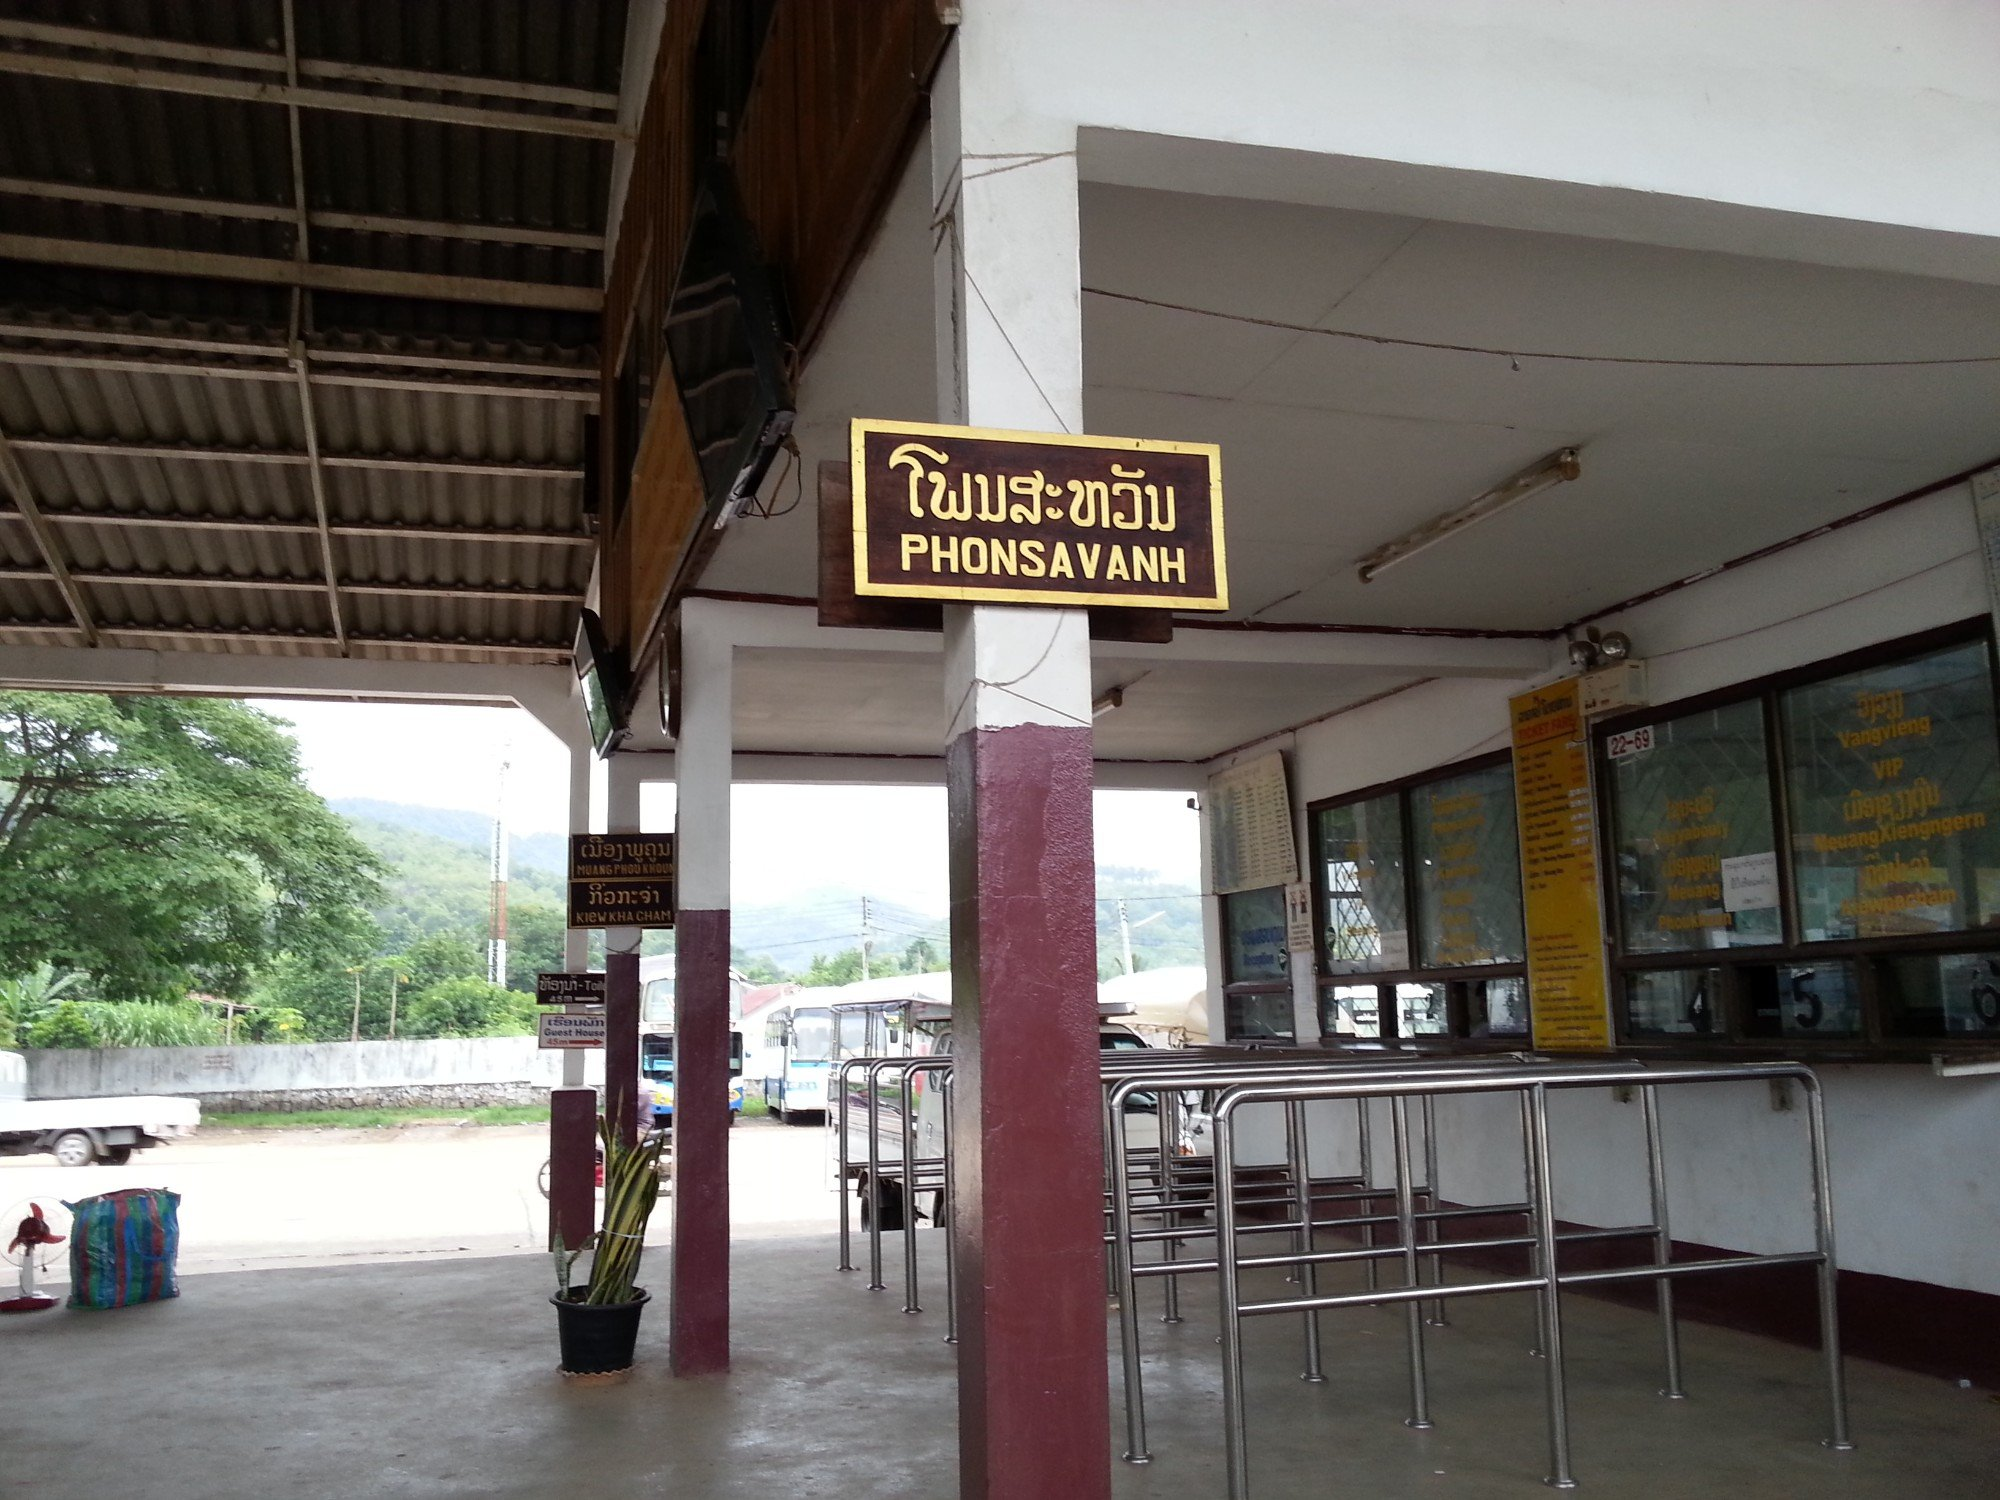 Bus stop in Luang Prabang